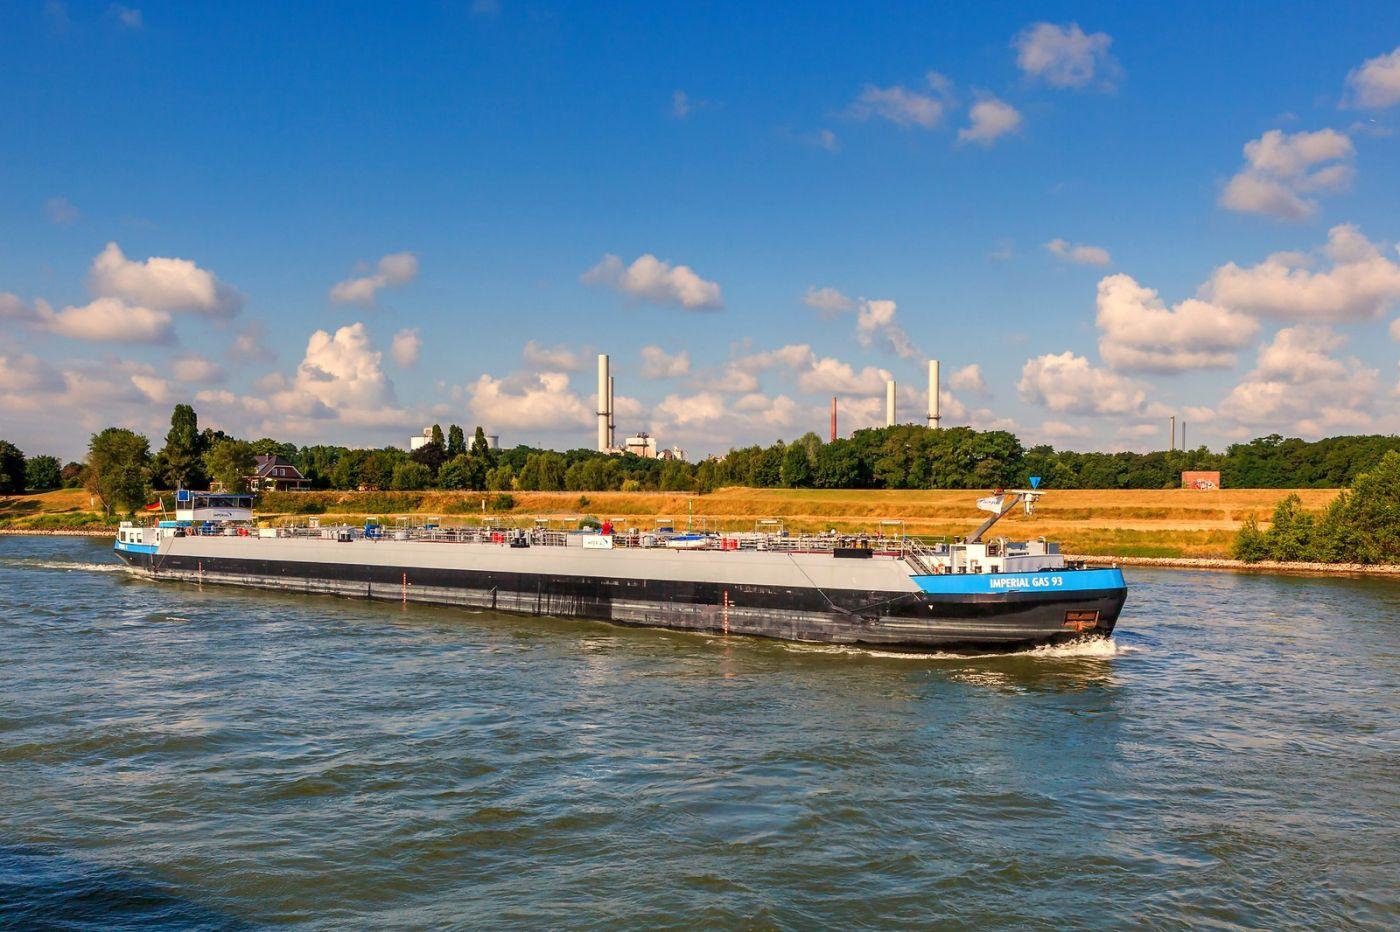 畅游莱茵河,游船商船另一道景_图1-21